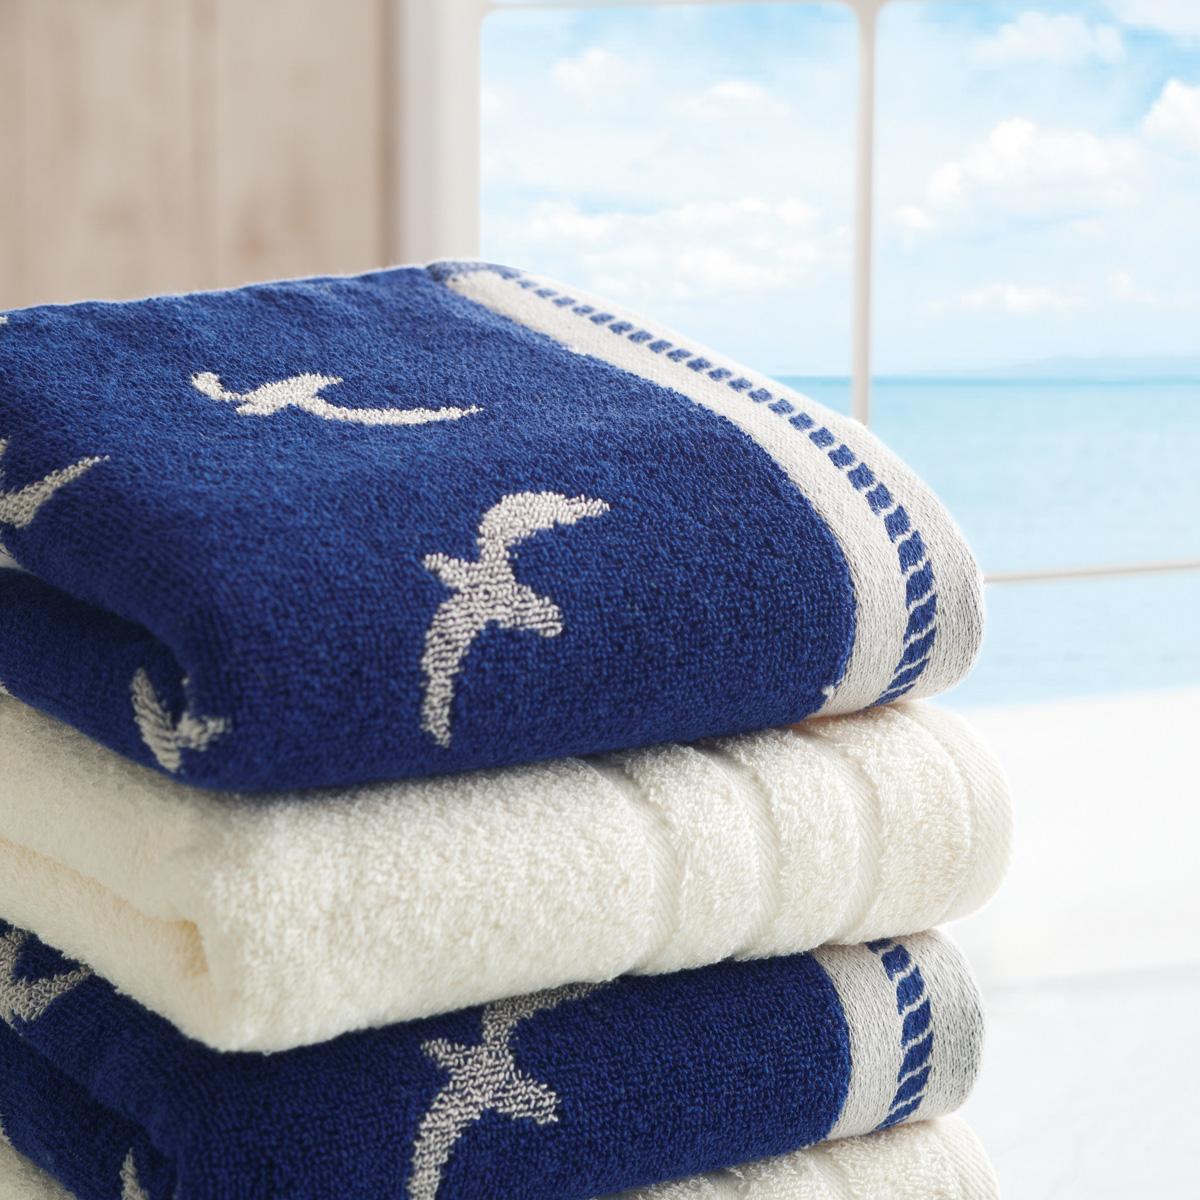 【無料モニター】ニトリのアイテムで洗面所インテリアを素敵に楽しんでくれるユーザーさん大募集!